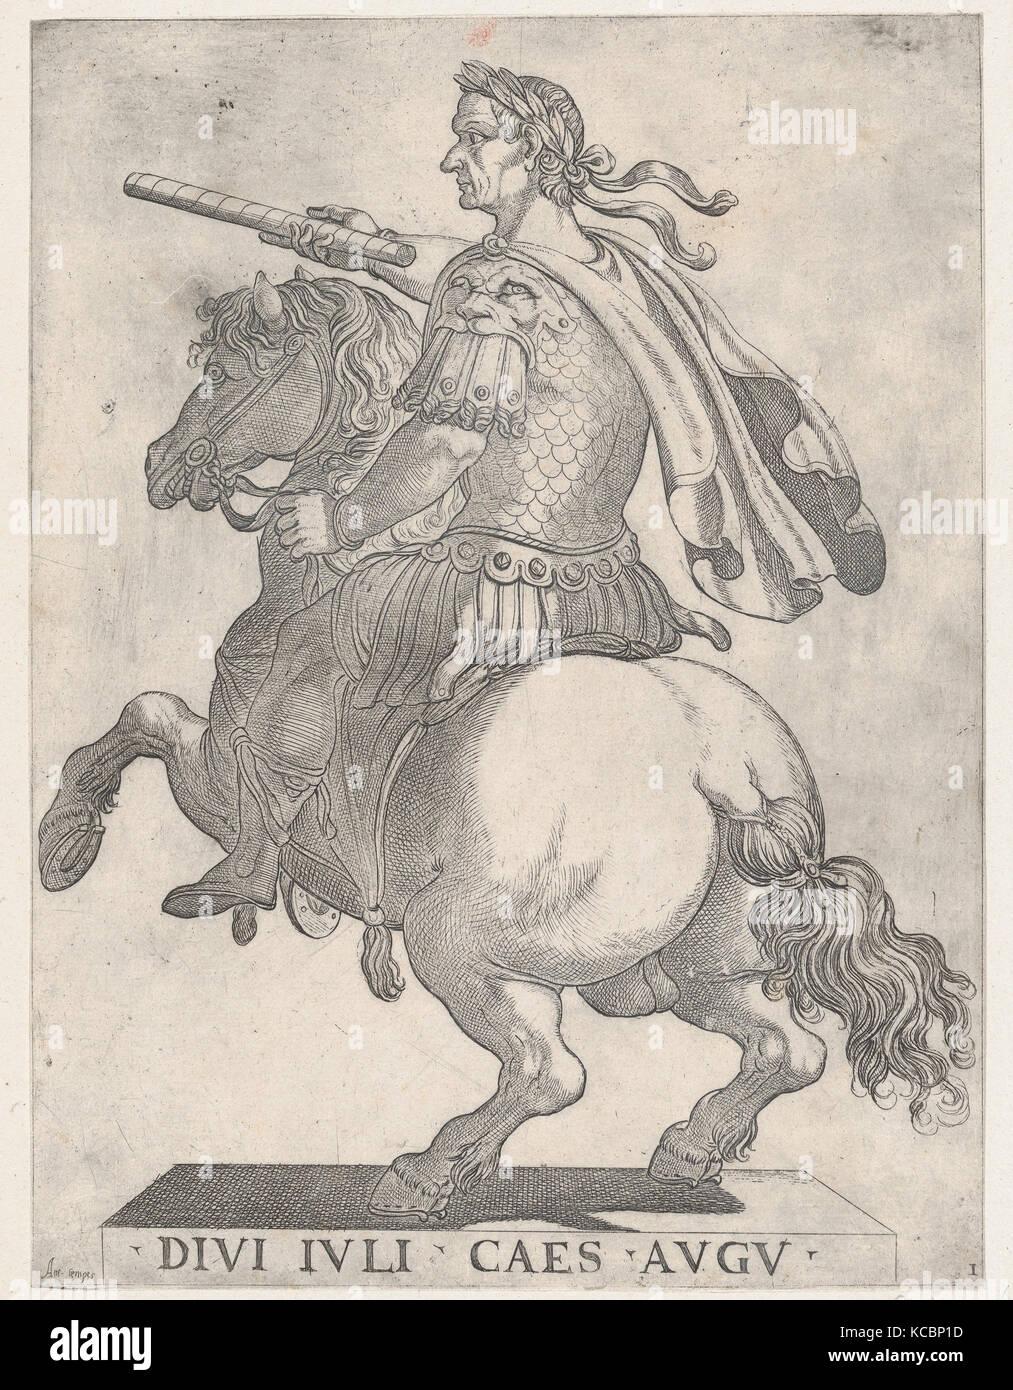 Plate 1: Emperor Julius Caesar on Horseback, from 'The First Twelve Roman Caesars', Antonio Tempesta, 1596 Stock Photo